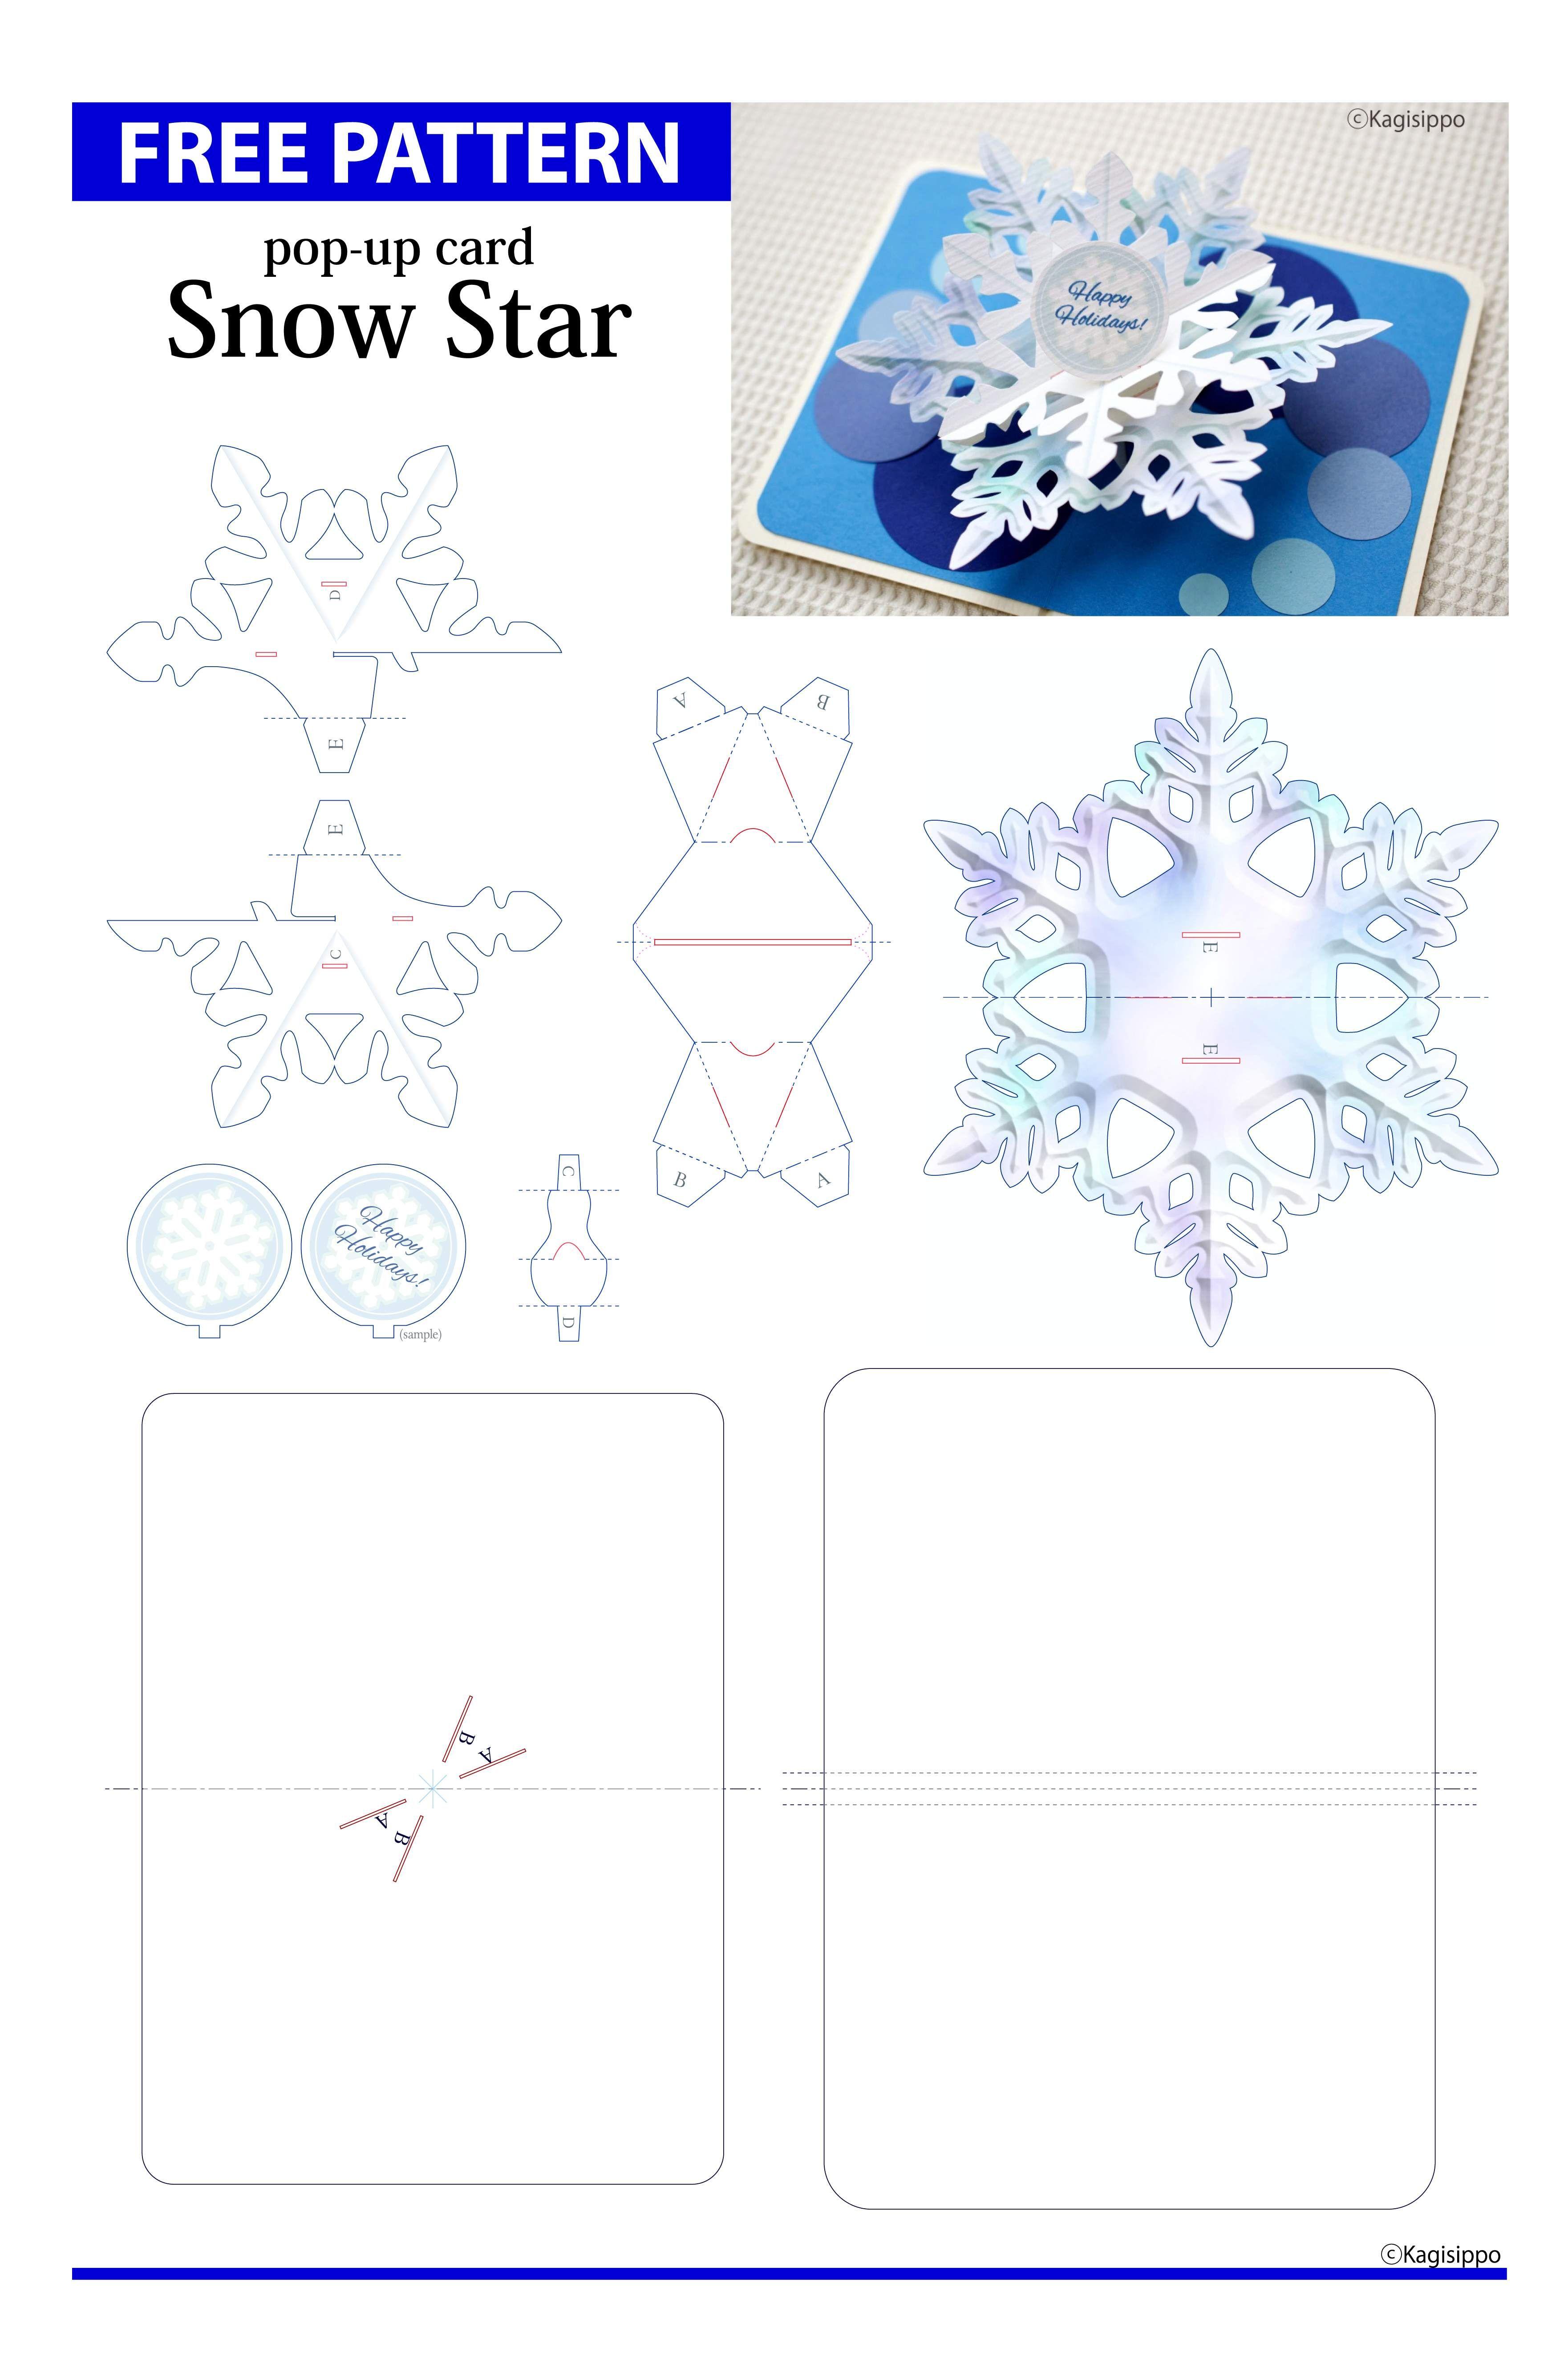 открытка раскладушка с объемной снежинкой автопроизводители особо